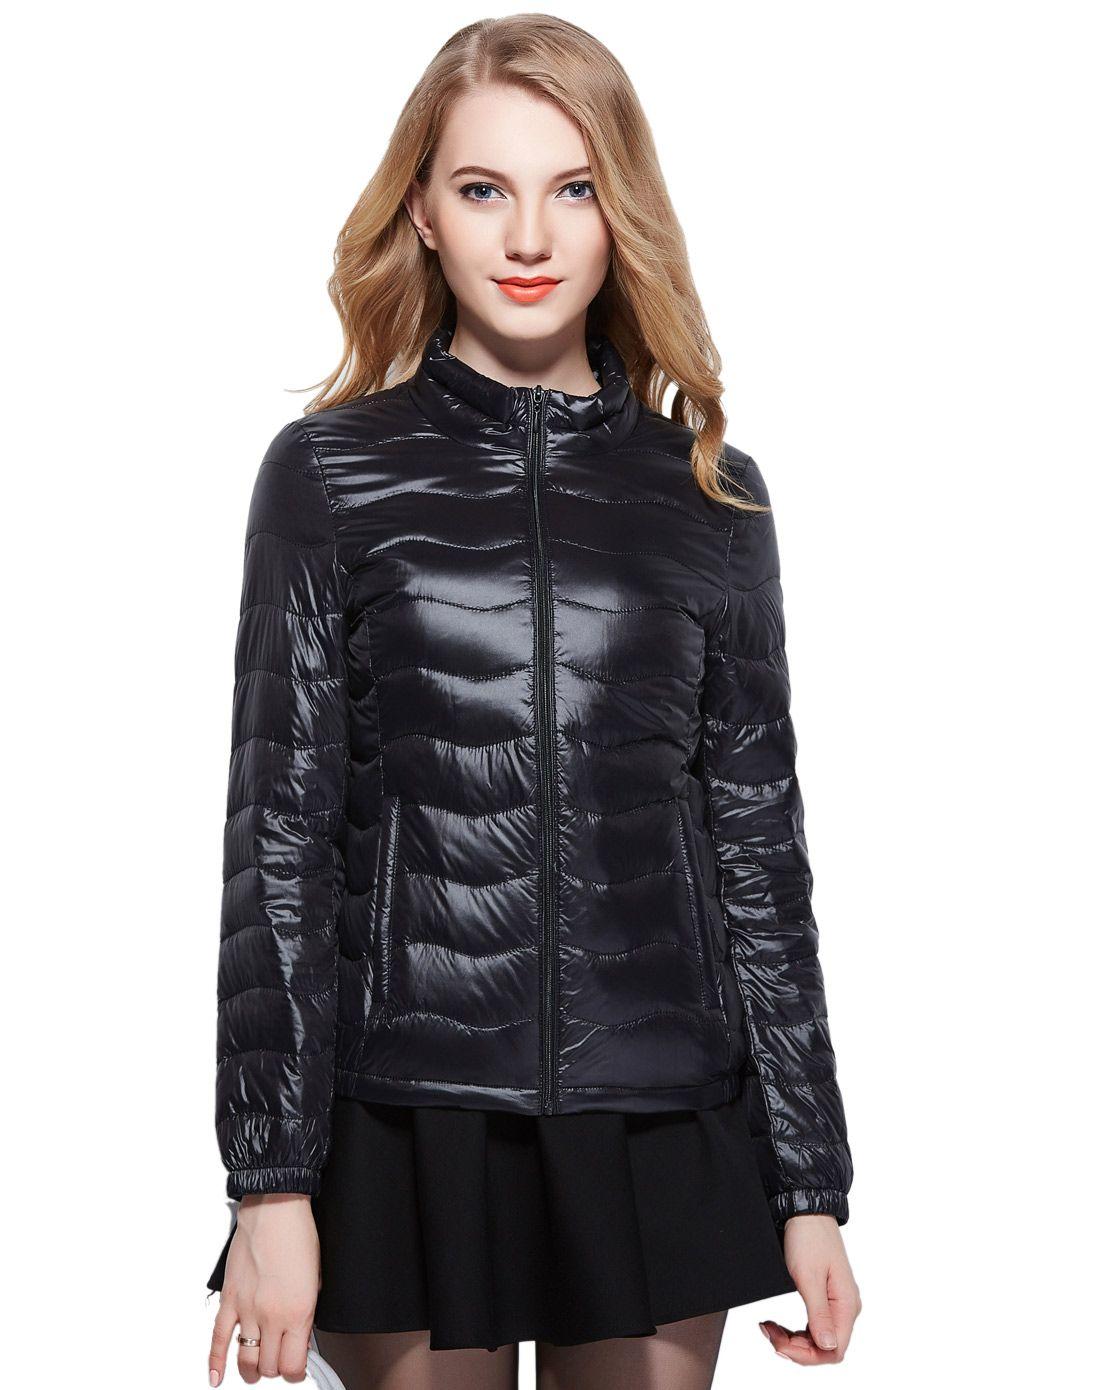 【2015塑料】雅鹿女首饰羽绒短款羽绒服新品黑色袋时尚图片